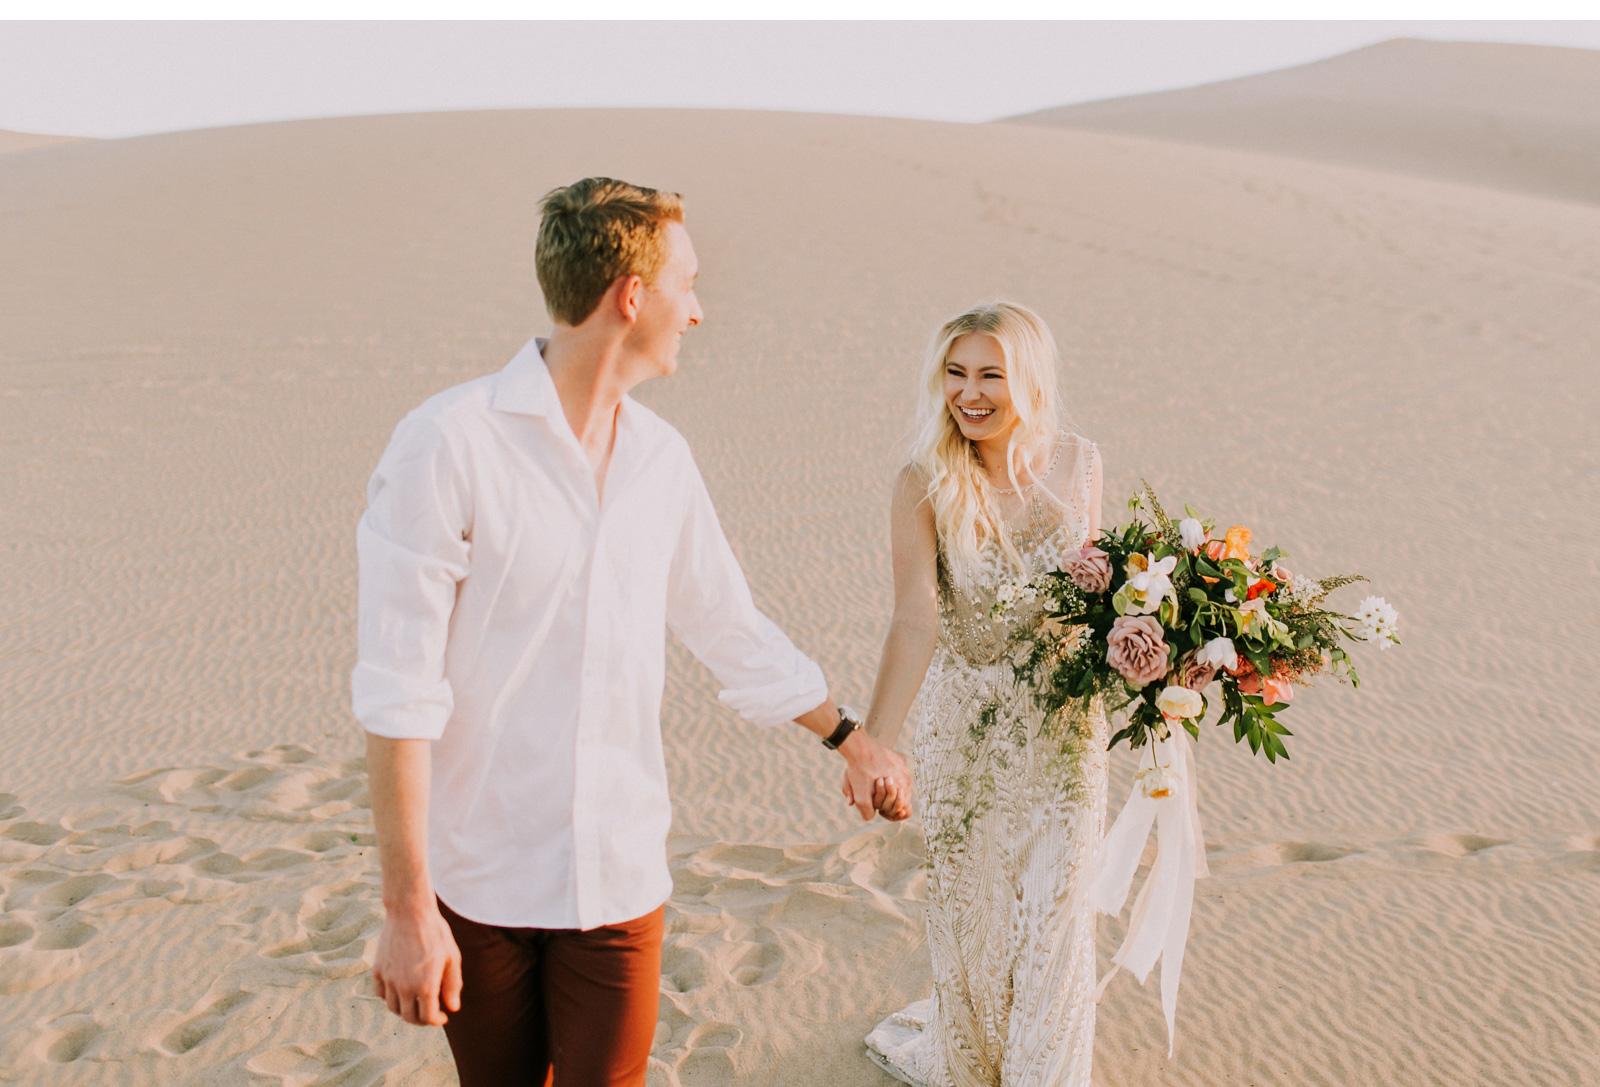 Adventure-Wedding-Green-Wedding-Shoes-Natalie-Schutt-Photography_10.jpg